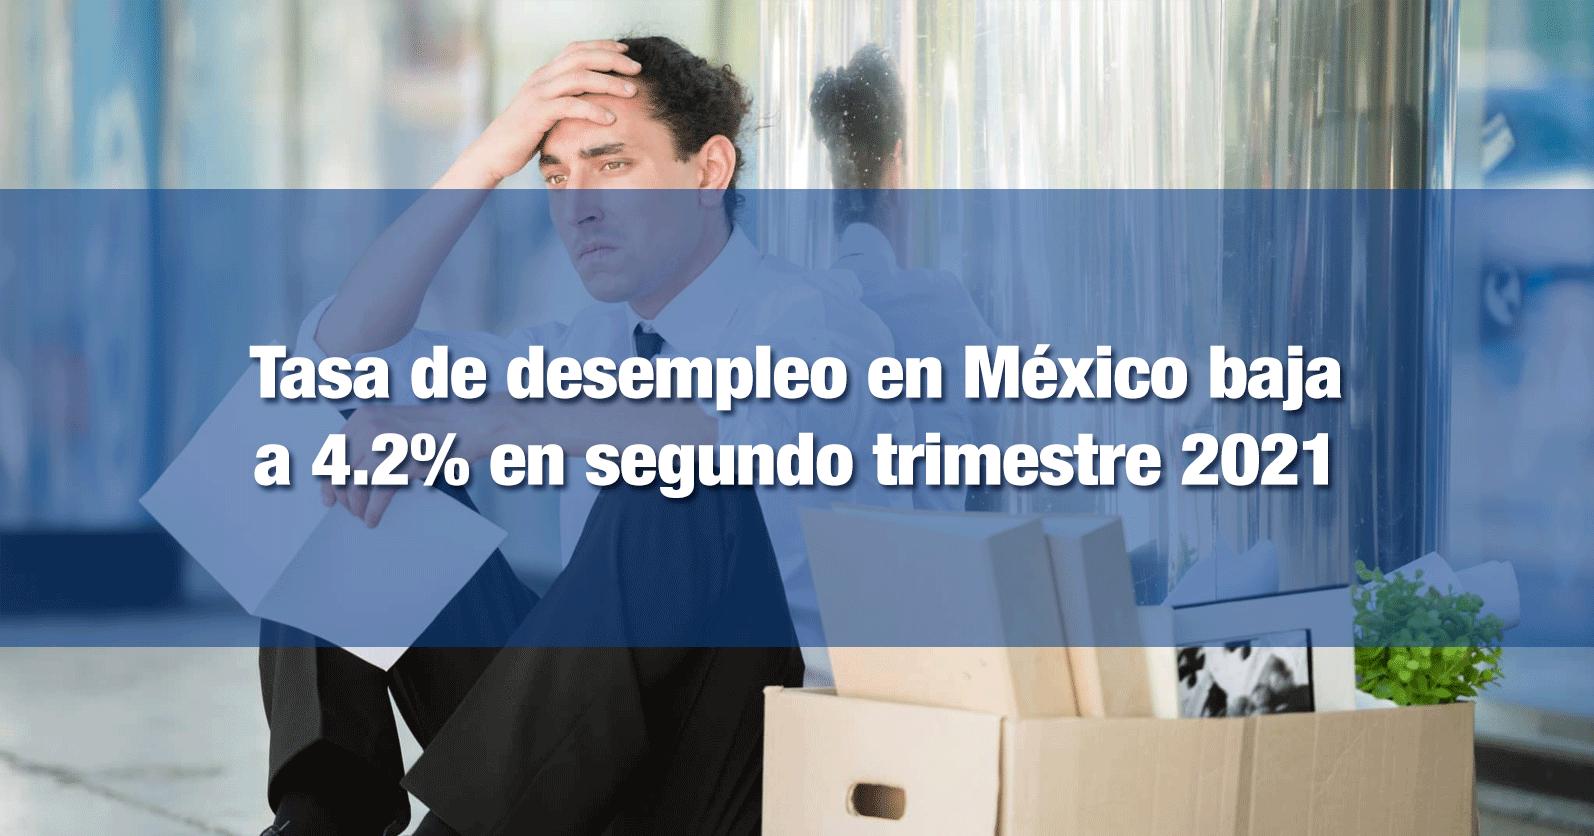 Tasa de desempleo en México baja a 4.2% en segundo trimestre 2021